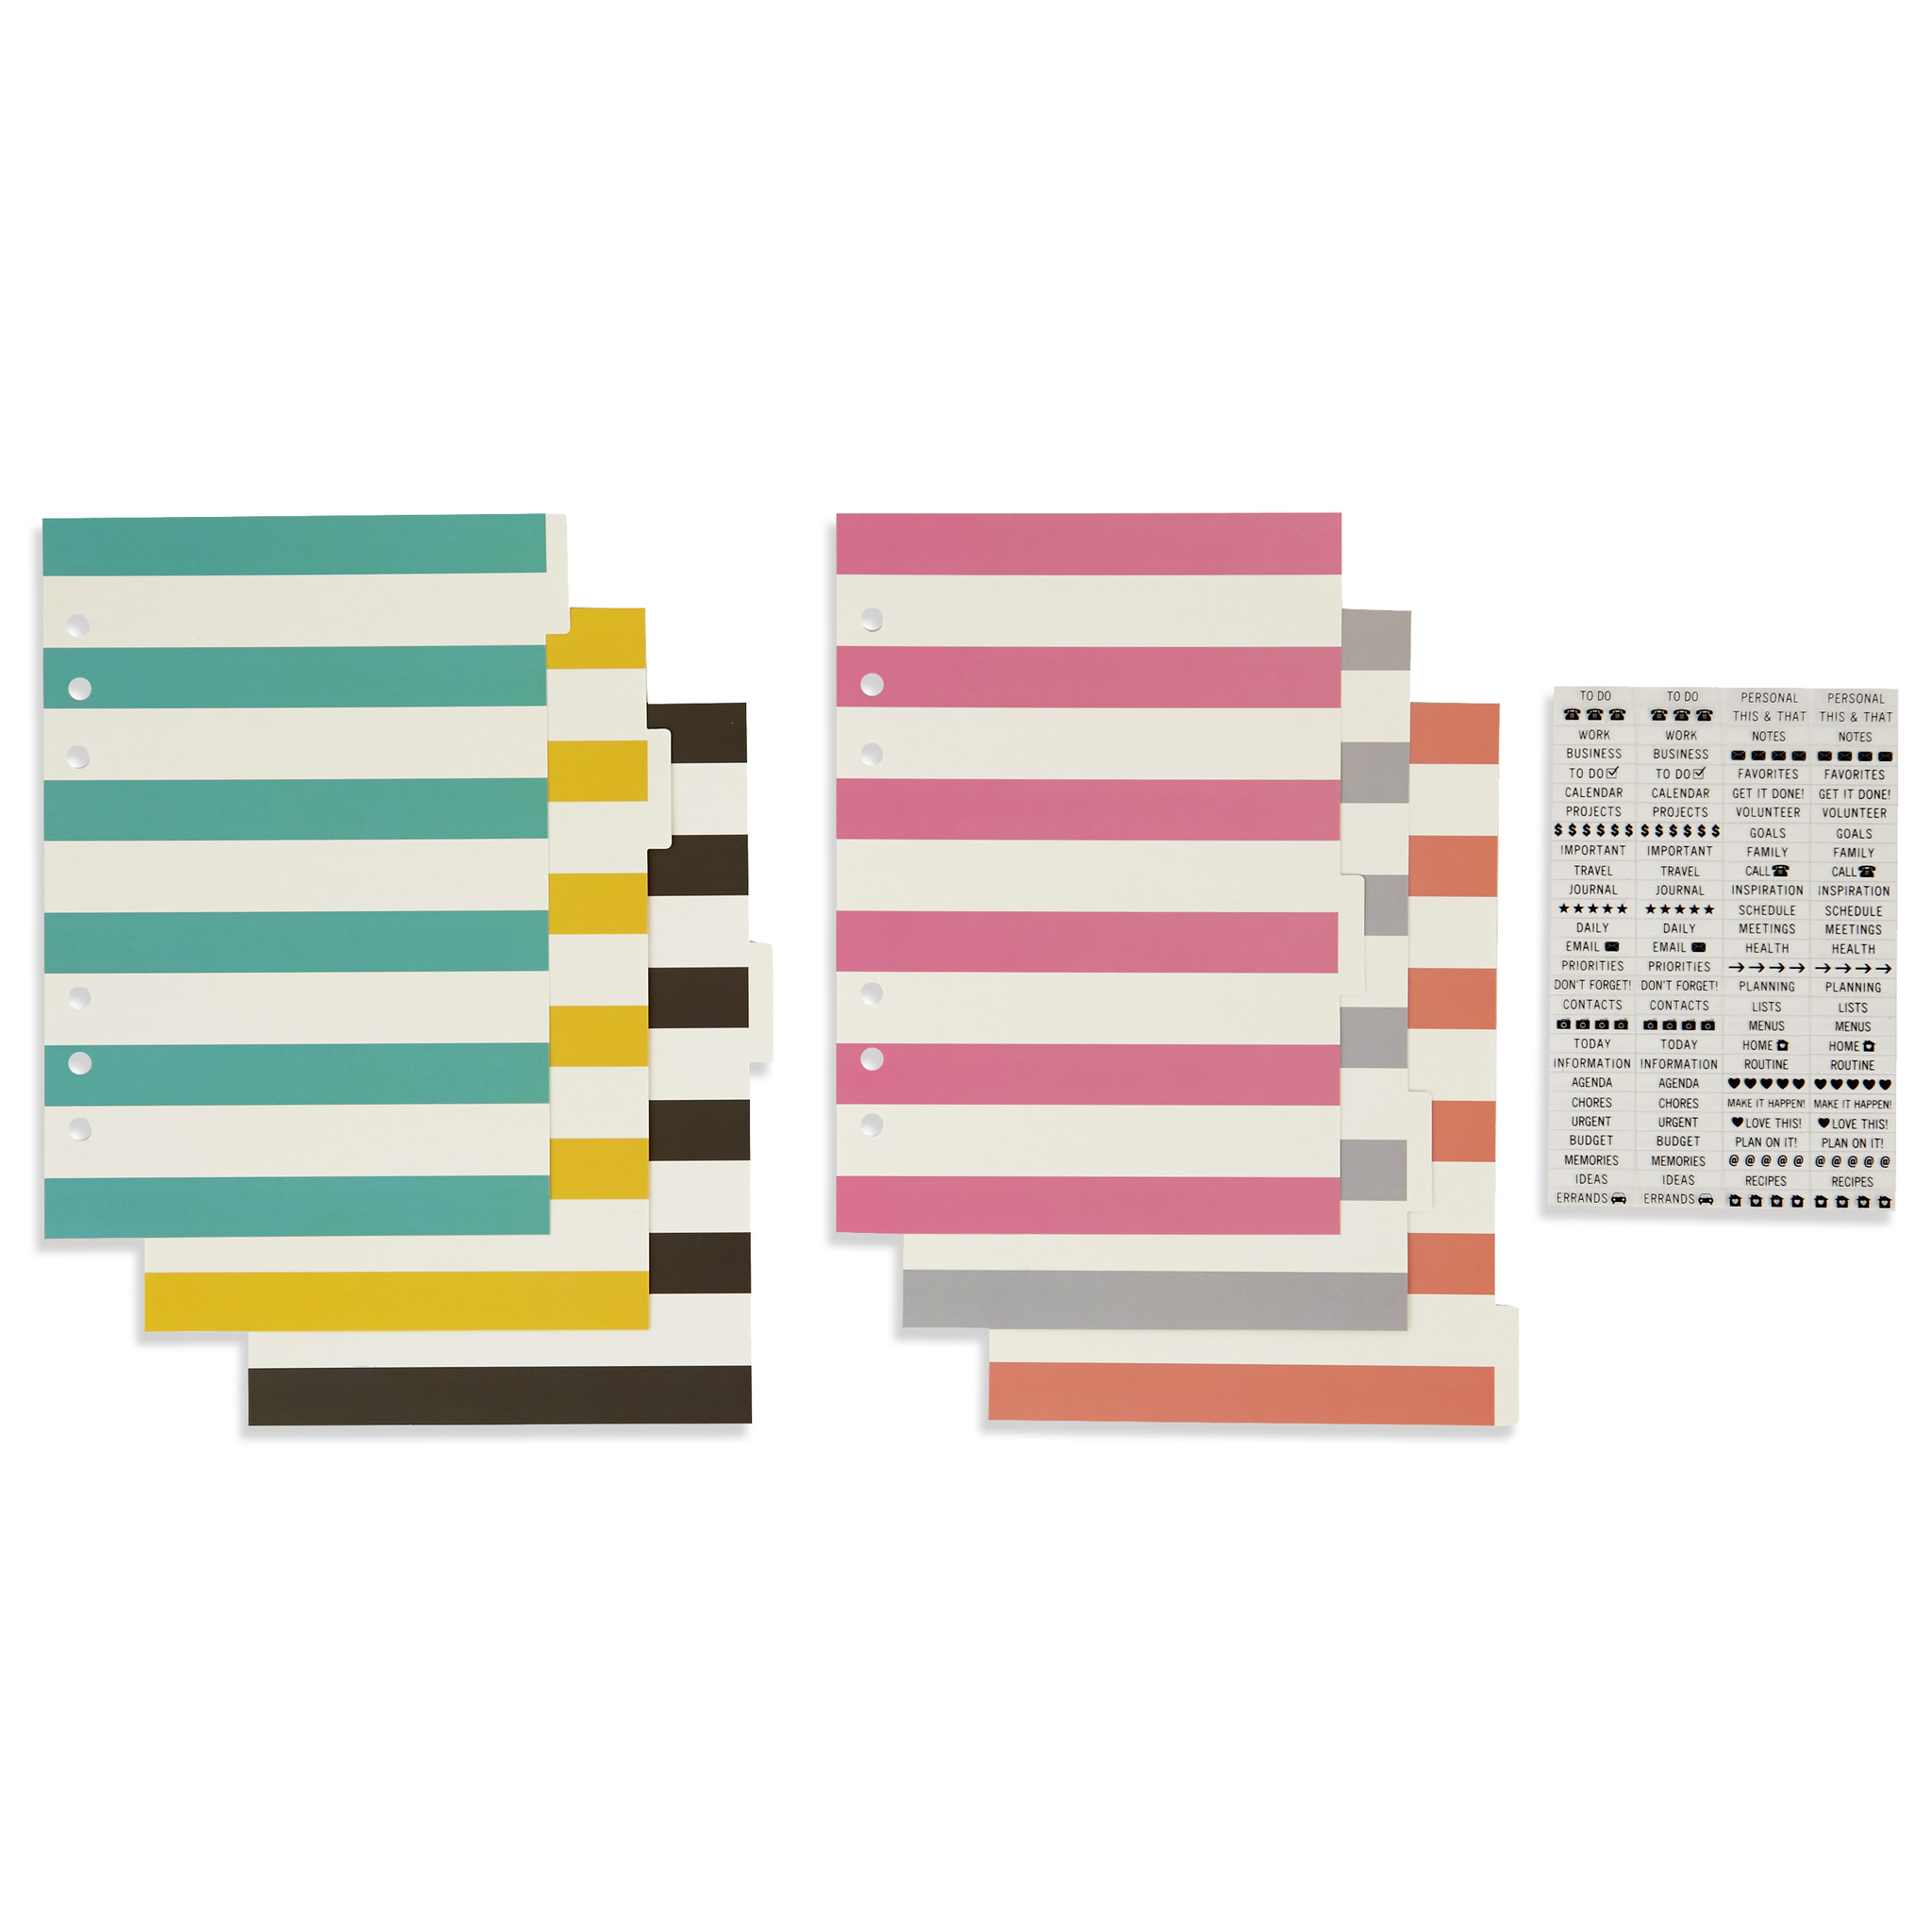 Комплект разделителей с наклейками  для планнера  - A5 BASIC DIVIDERS